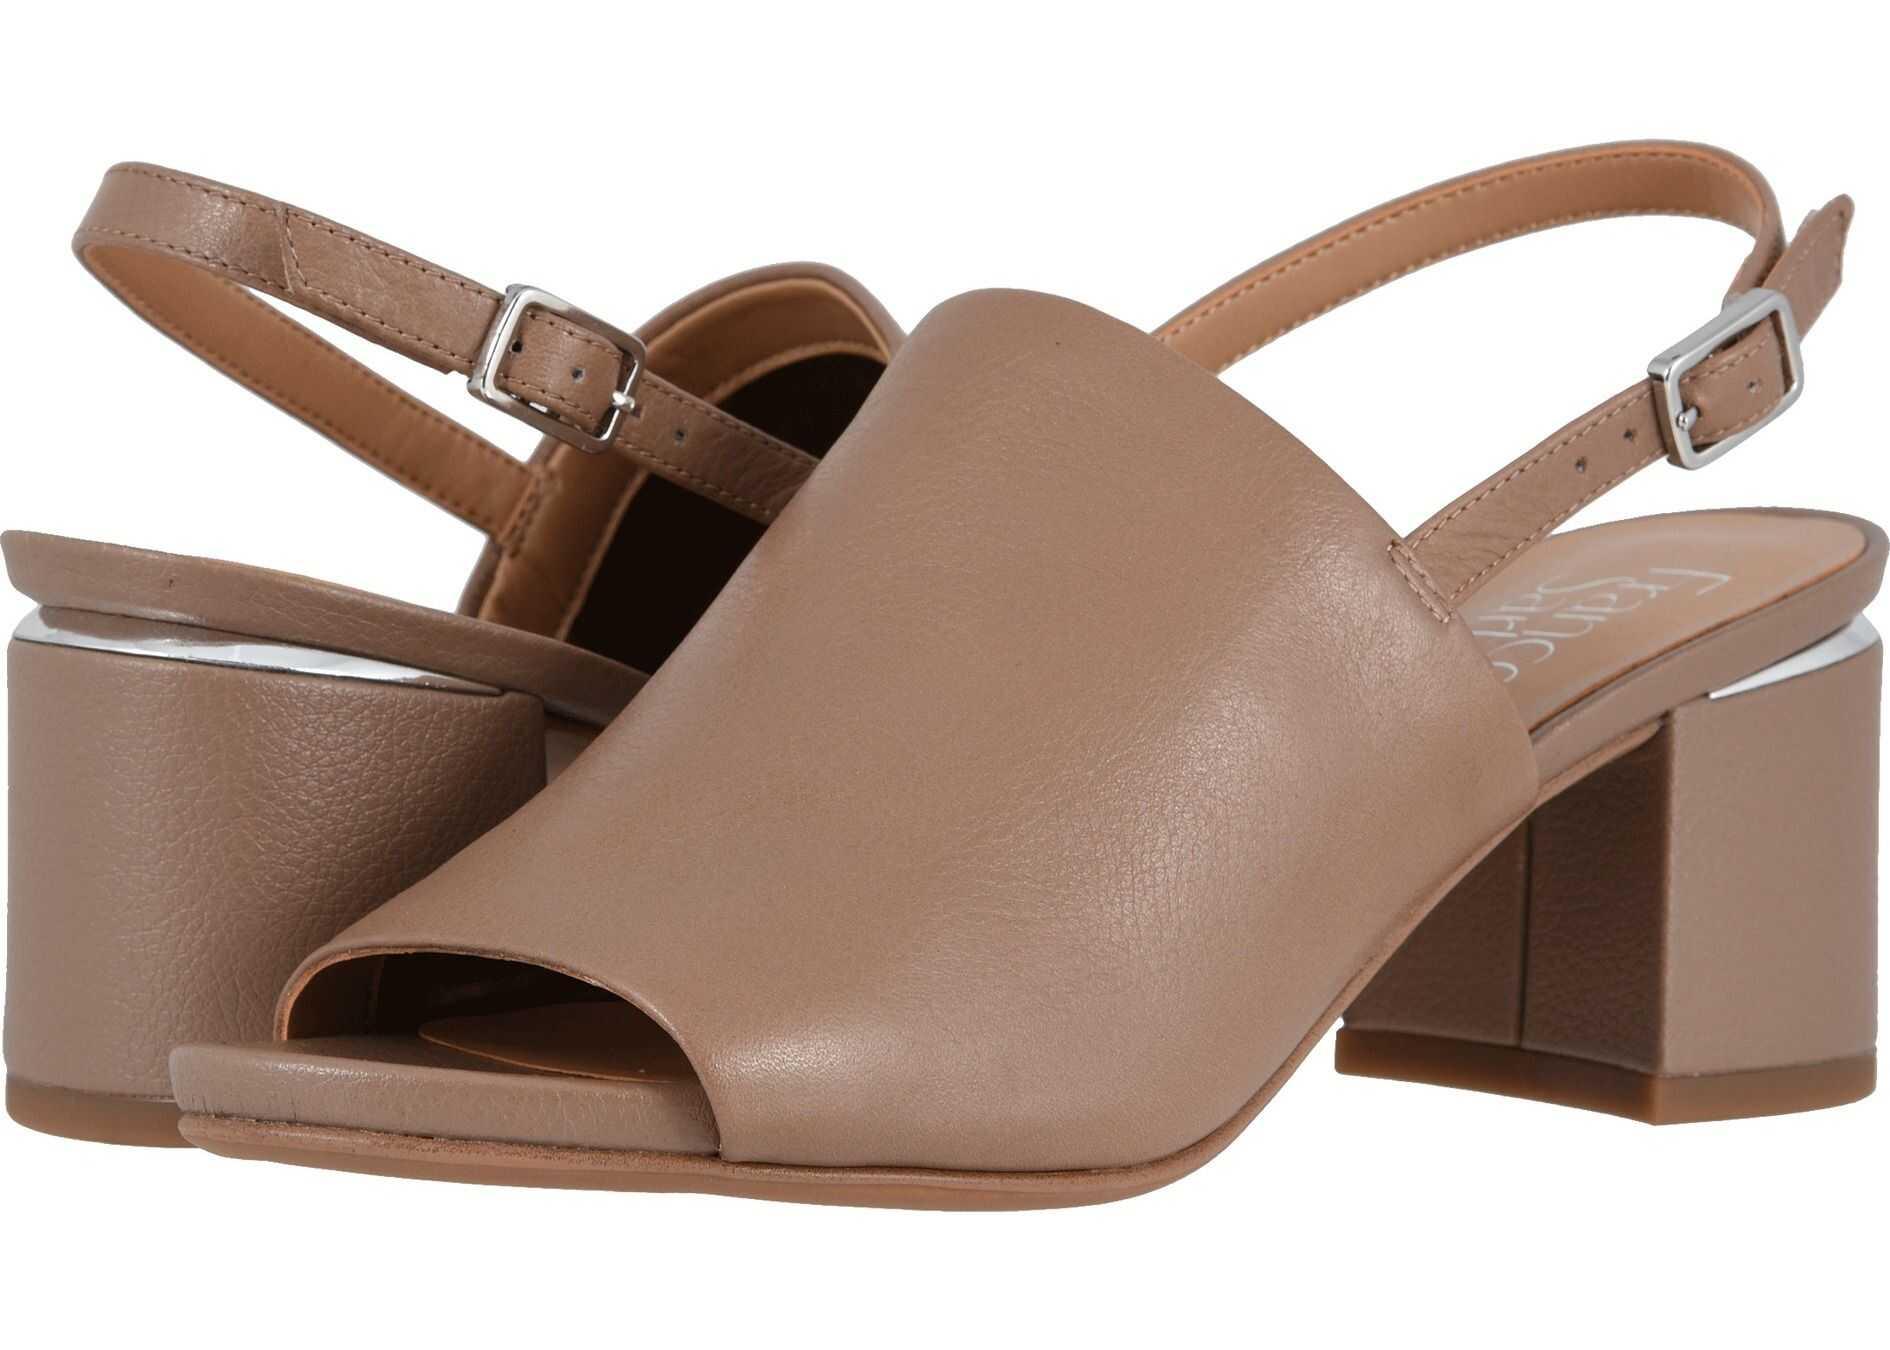 Franco Sarto Marielle Taupe Leather